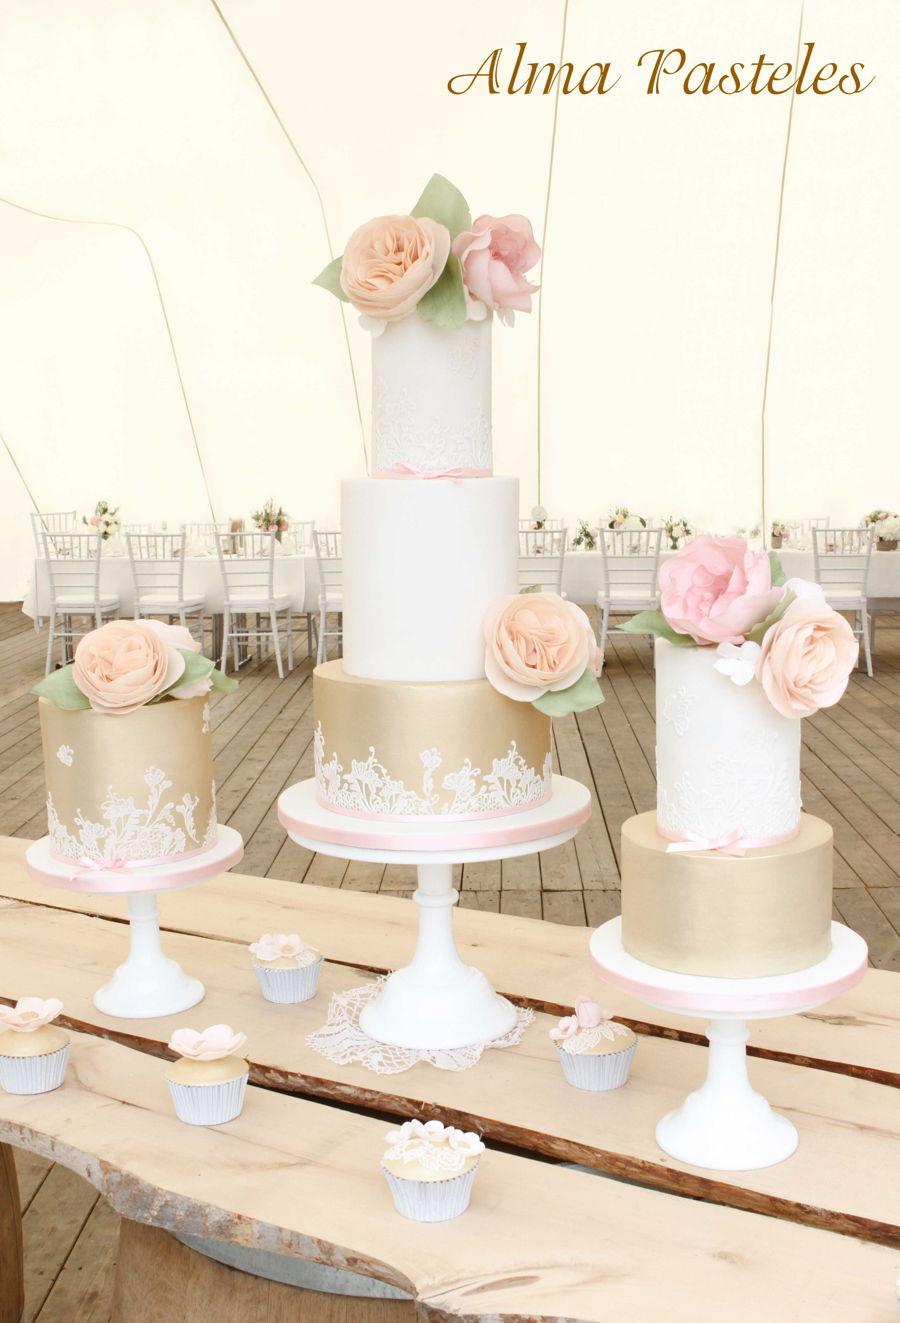 Vintage Wedding Cake Trio - CakeCentral.com